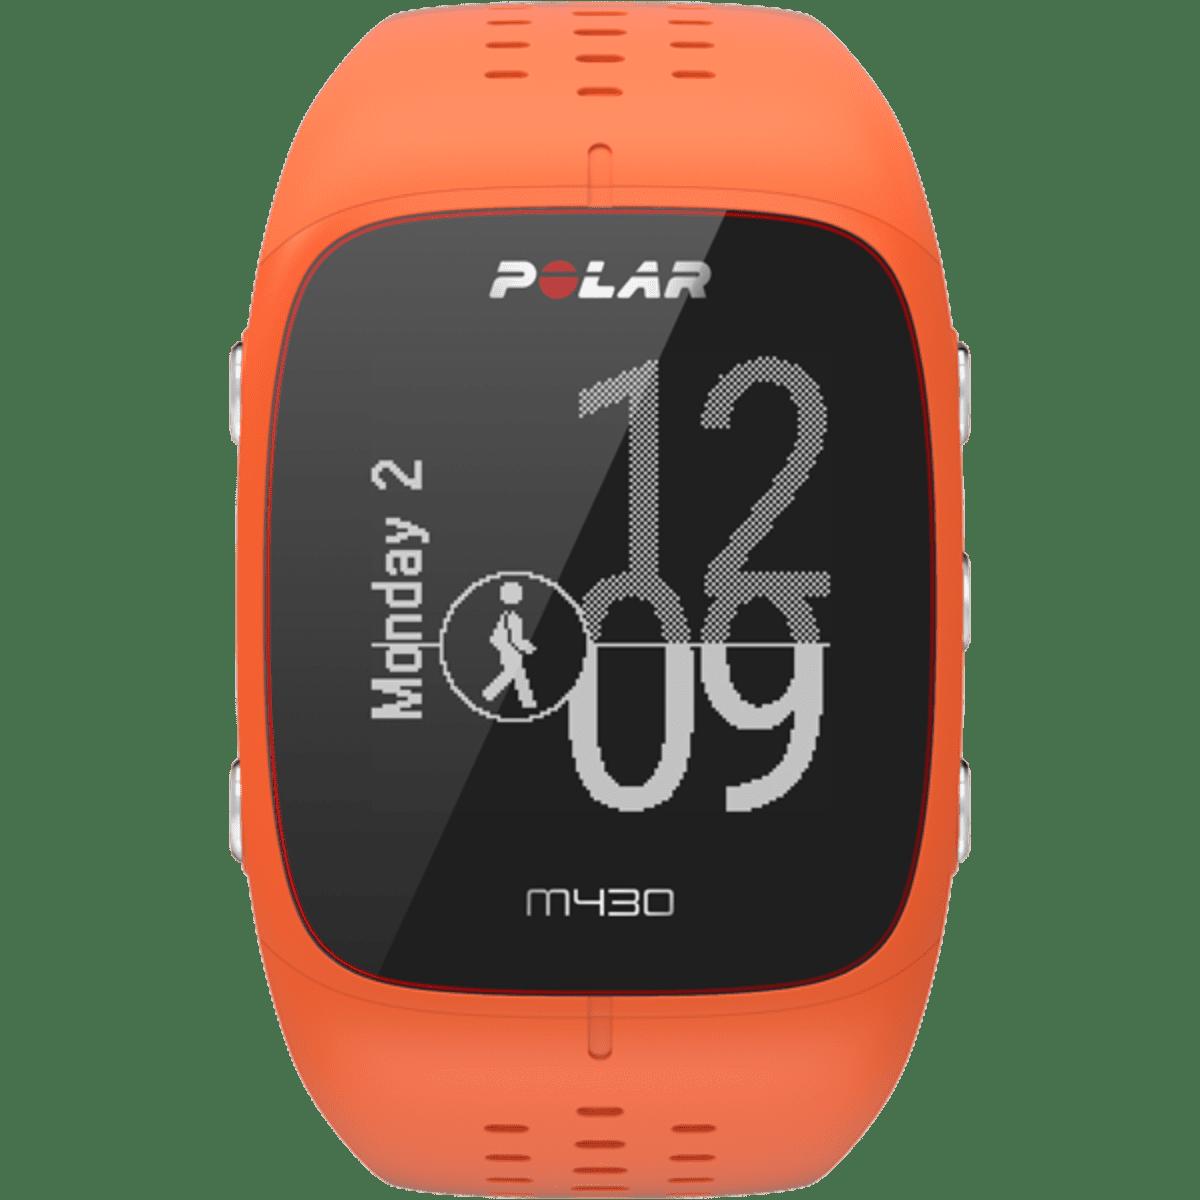 """Рис. 10. Модель Polar M430 – """"умные часы"""" с большой диагональю дисплея."""